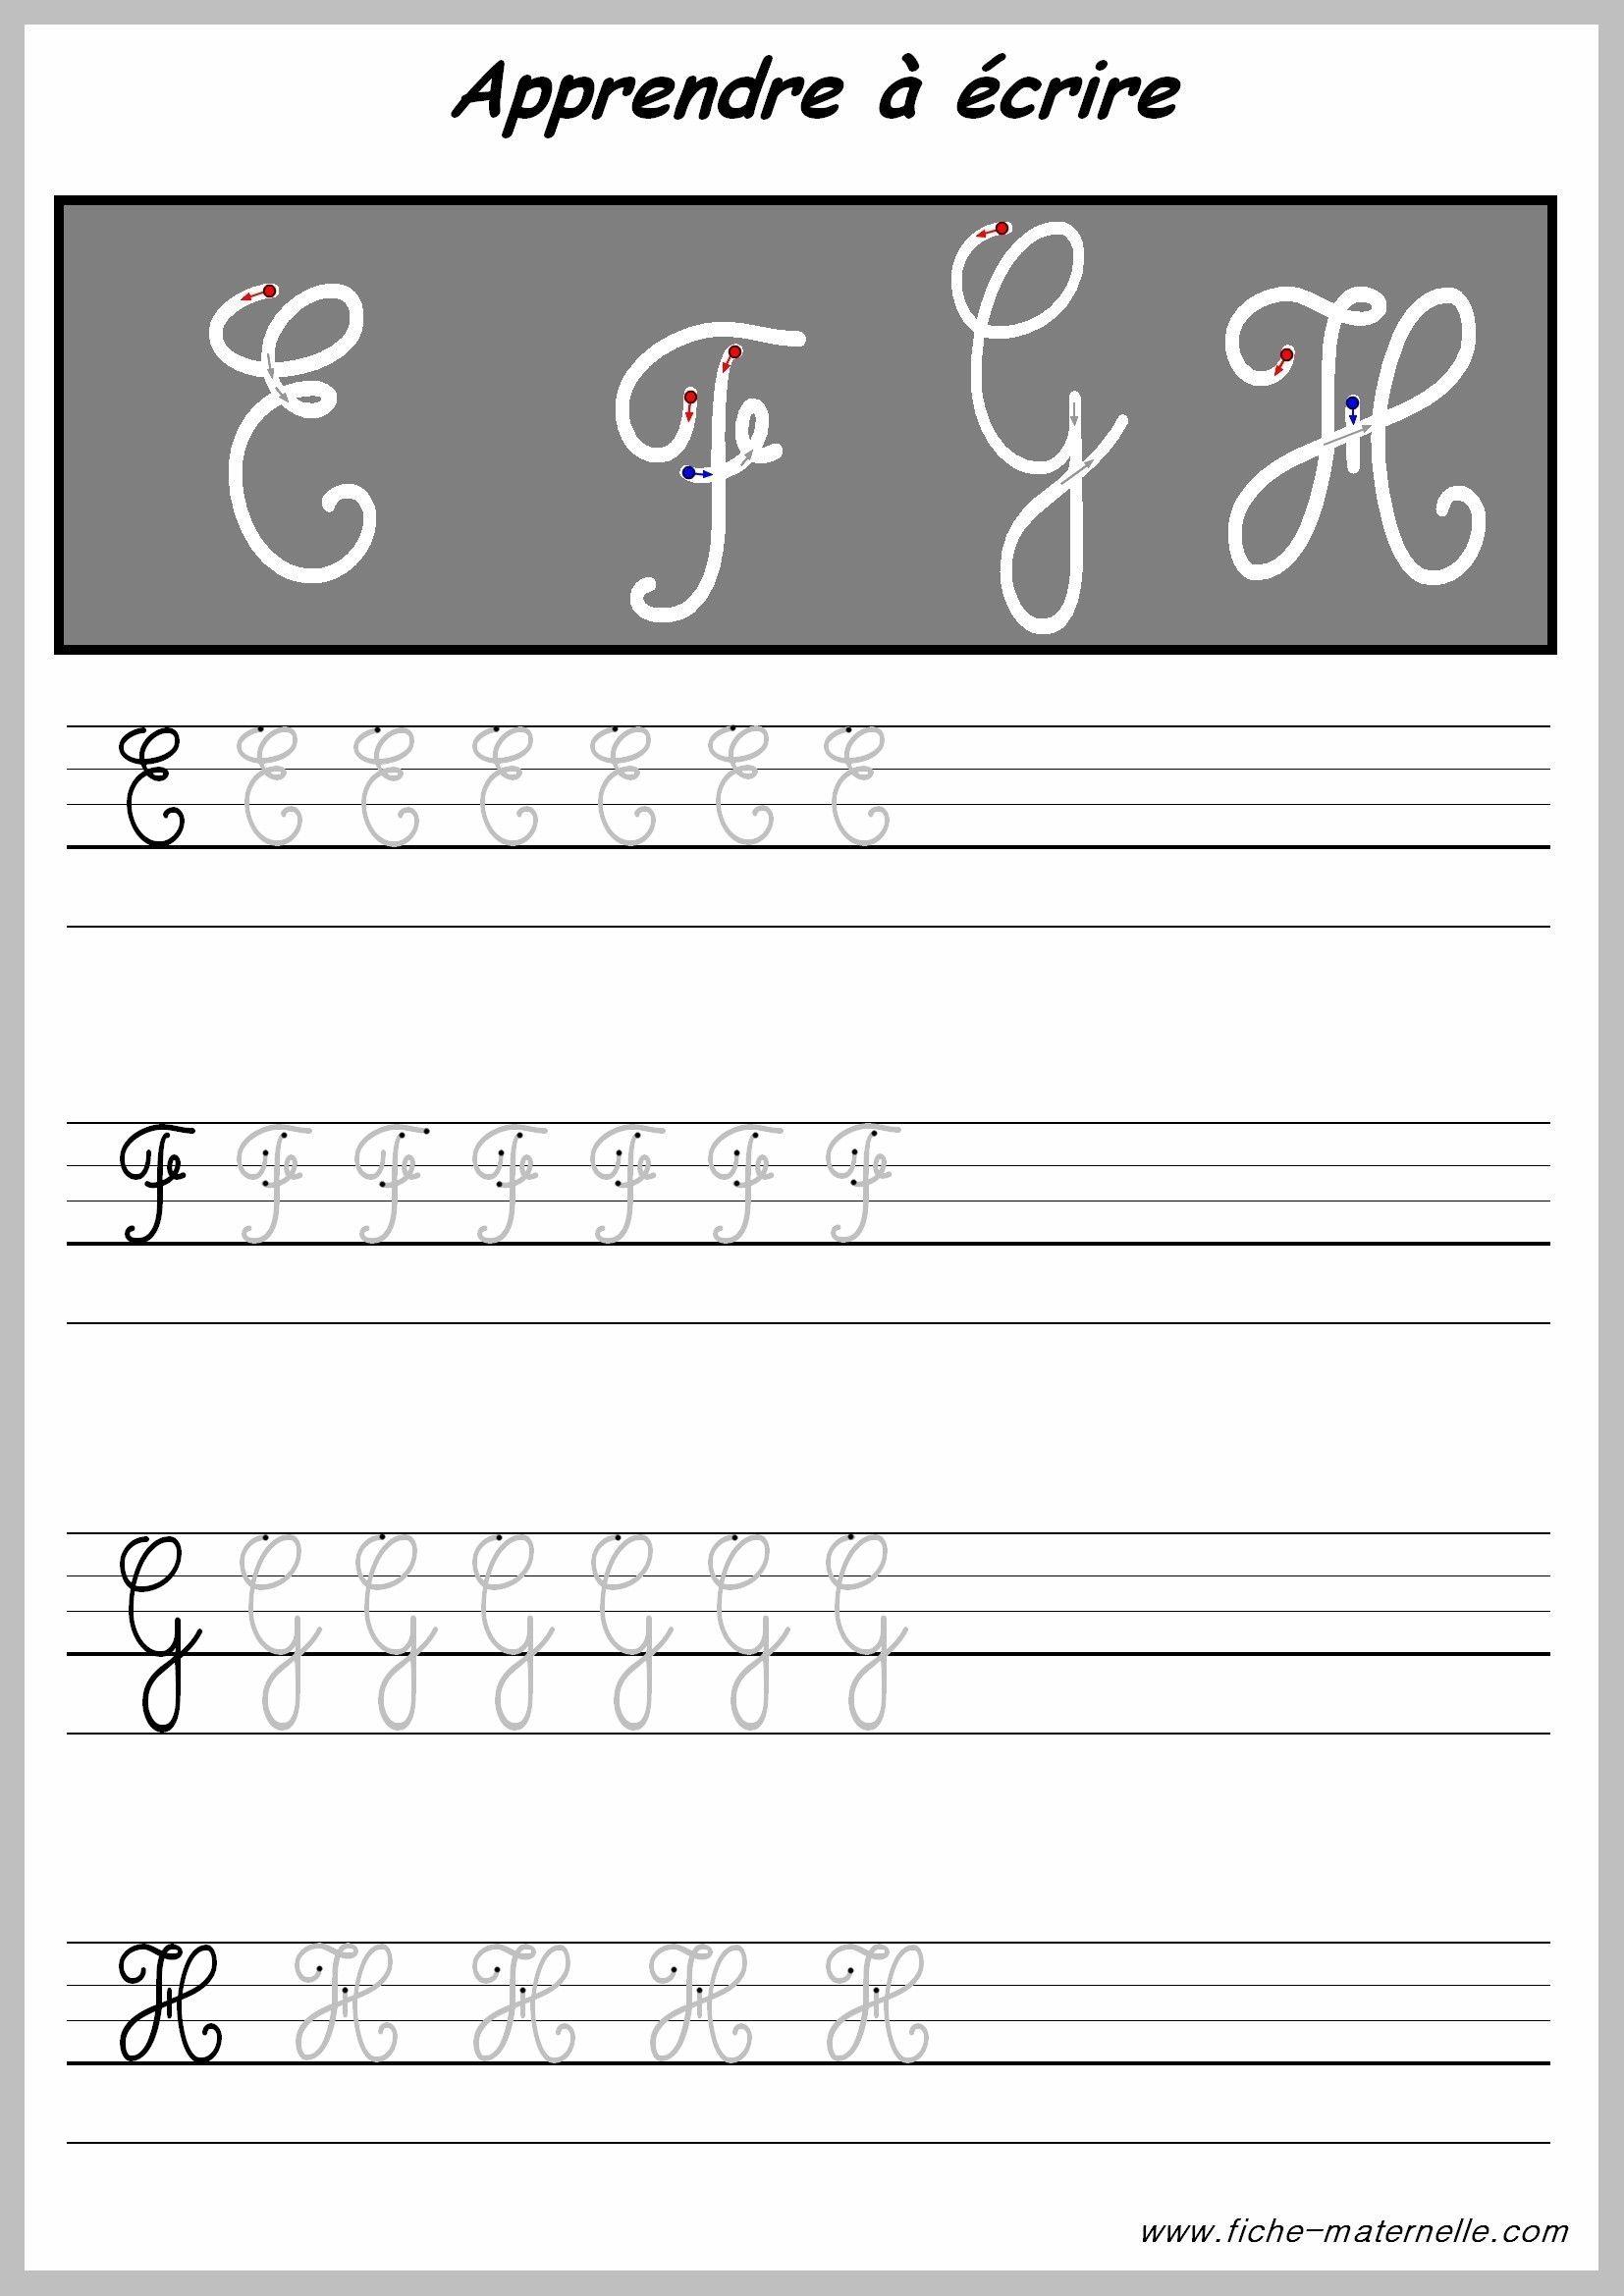 Apprendre tracer les lettres majuscules broderies pinterest les lettres majuscules la - Apprendre a broder des lettres ...